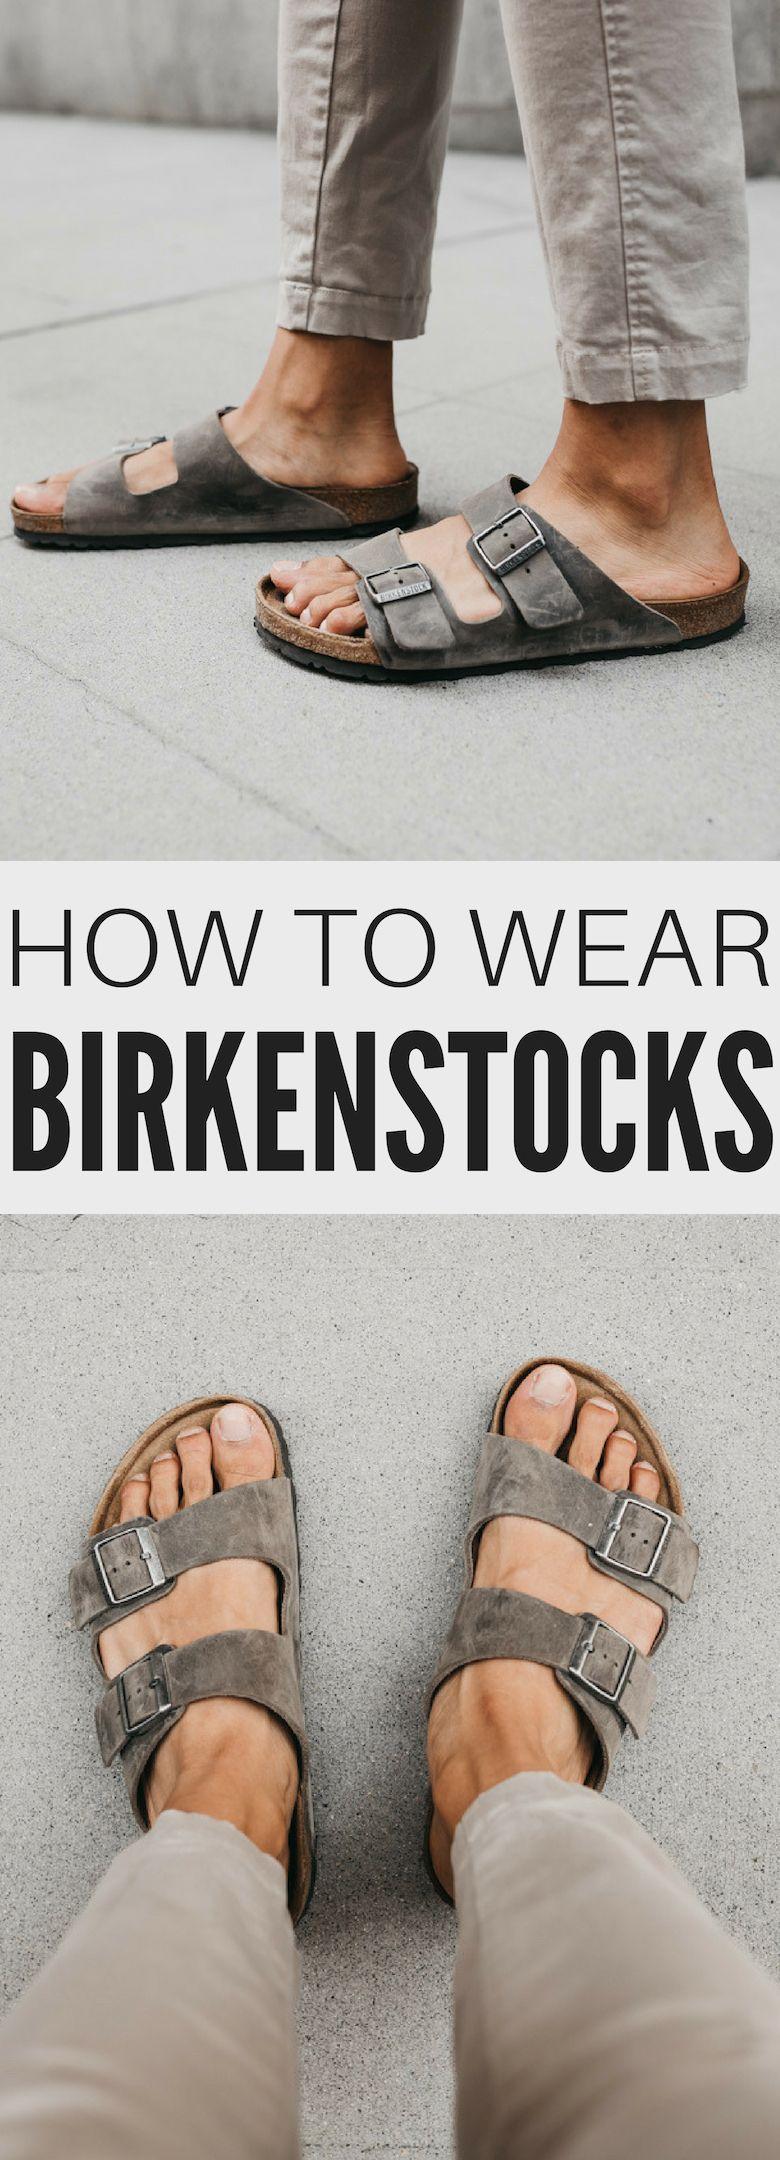 How to Wear Birkenstocks - Birkenstocks